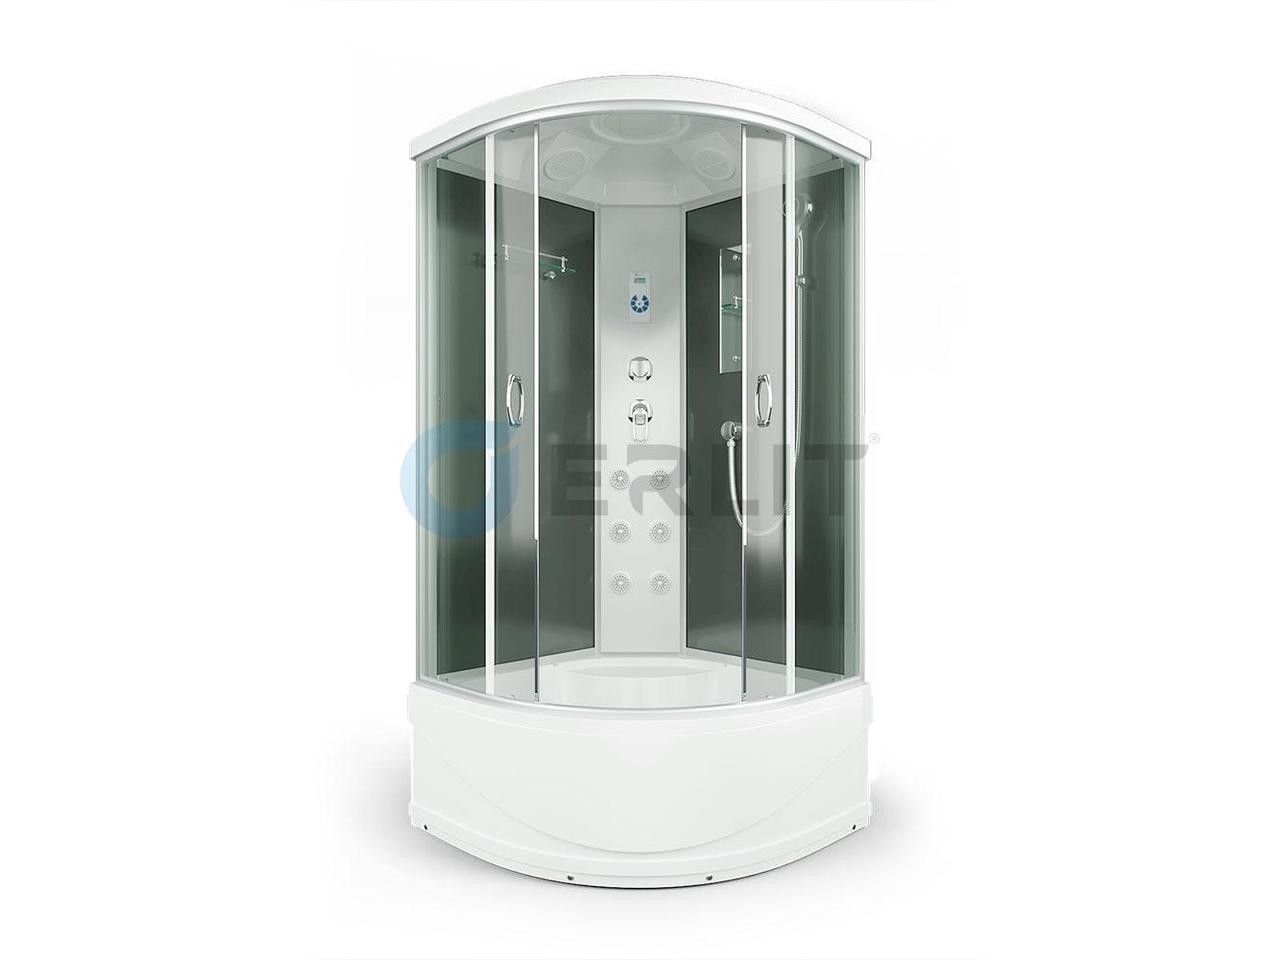 Душевая кабина Erlit ER4510TP -C4 Кабина 100 х 100 см.  Высокий поддон, тонированное стекло.